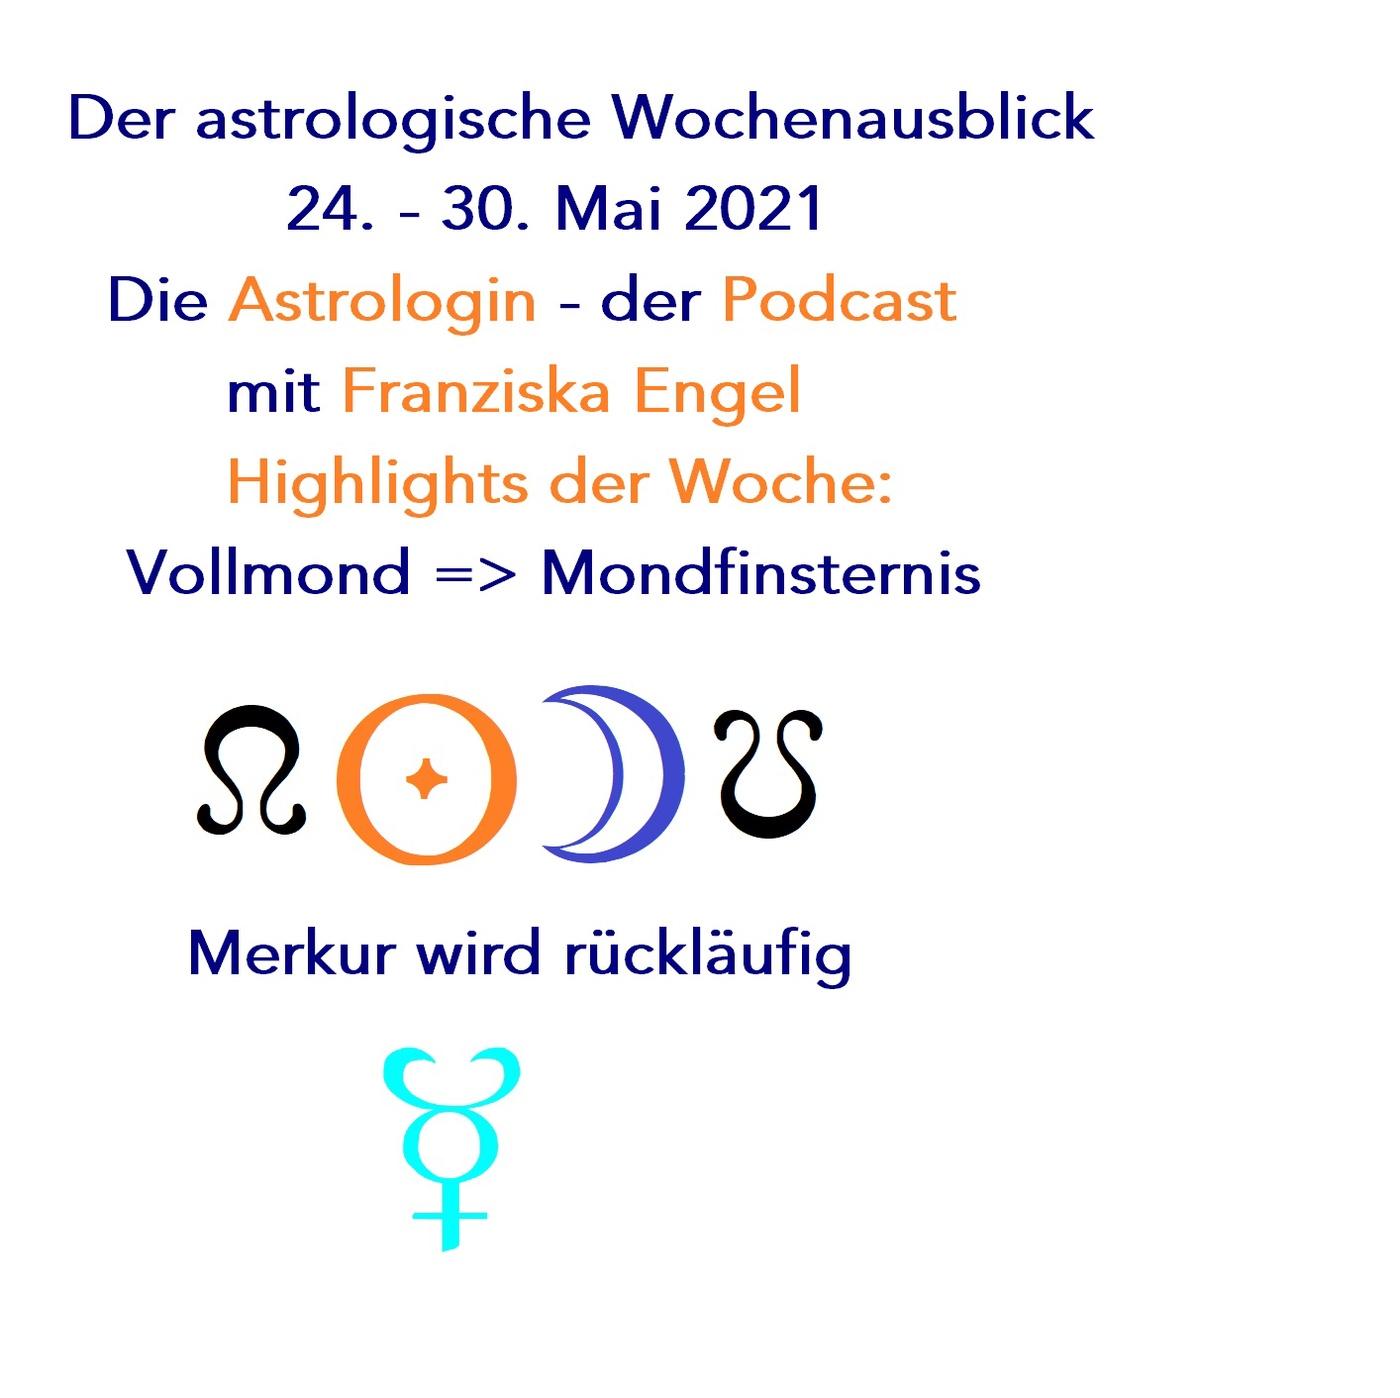 Mondfinsternis + Merkur wird rückläufig. Highlights im Astrologischen Wochenausblick 24.-30.05.2021